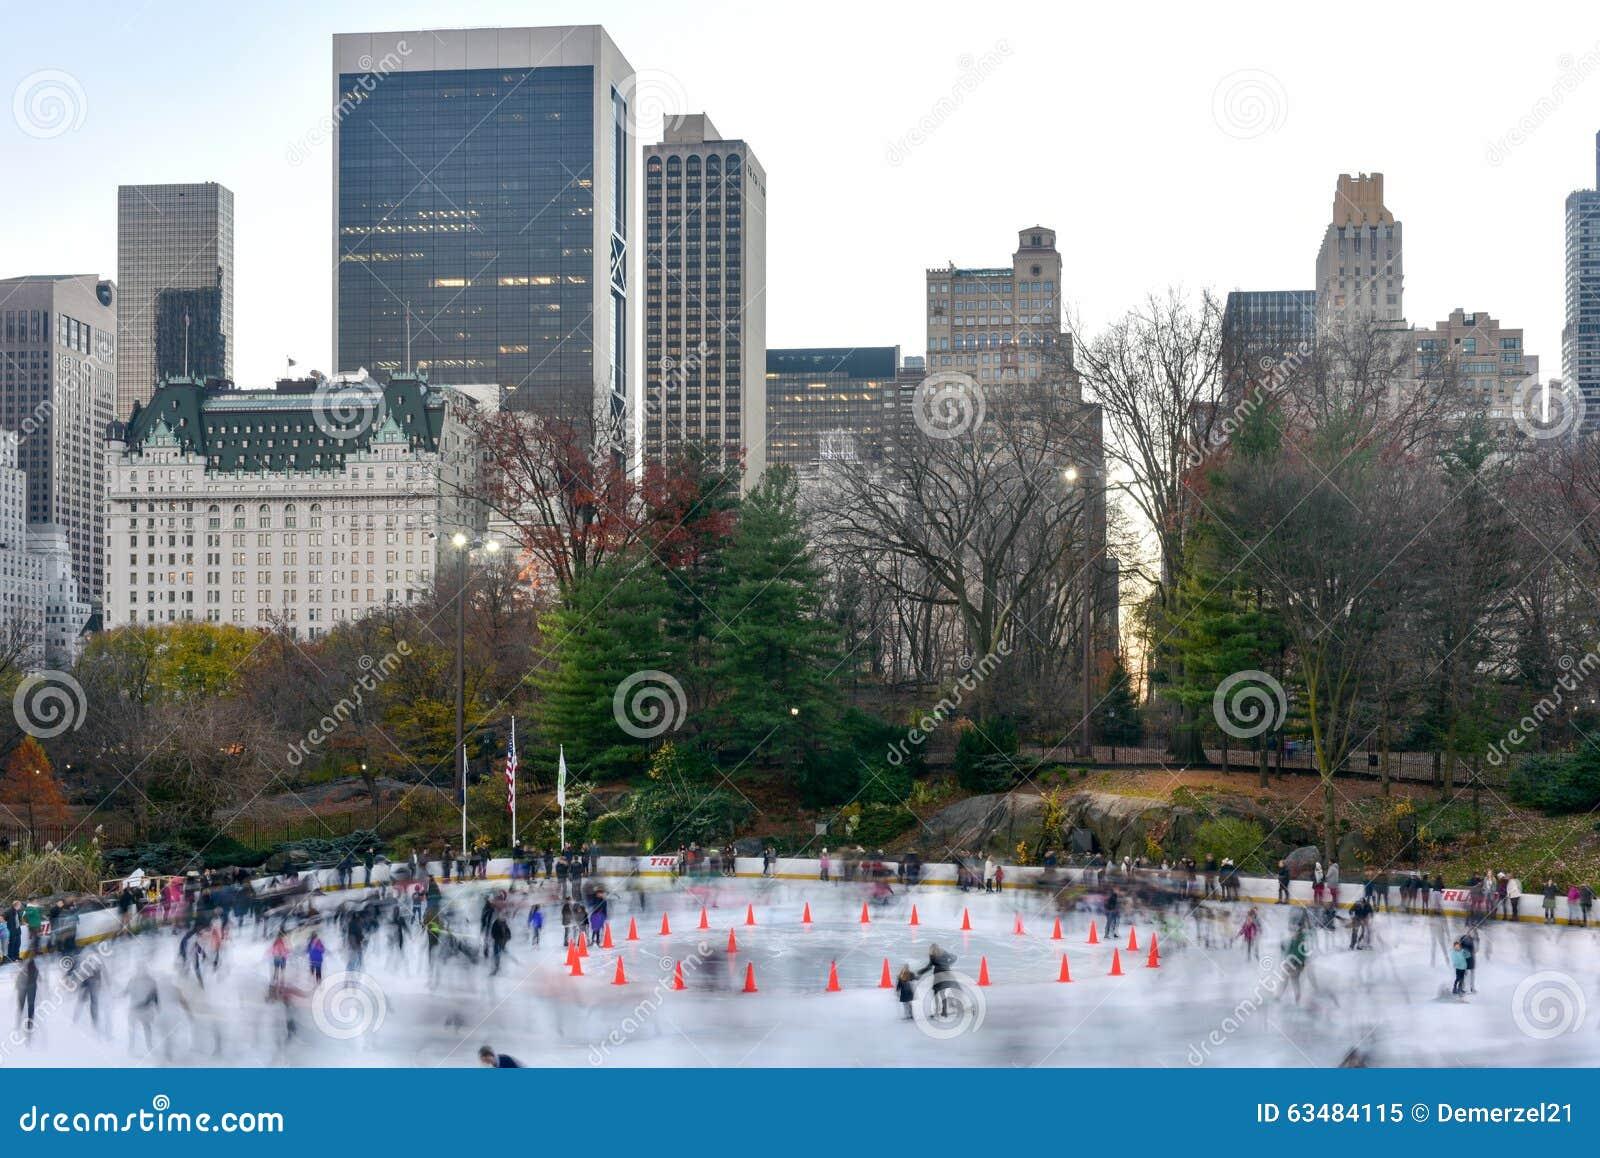 Pista De Patinaje De Wollman - Central Park - NYC Imagen editorial ...